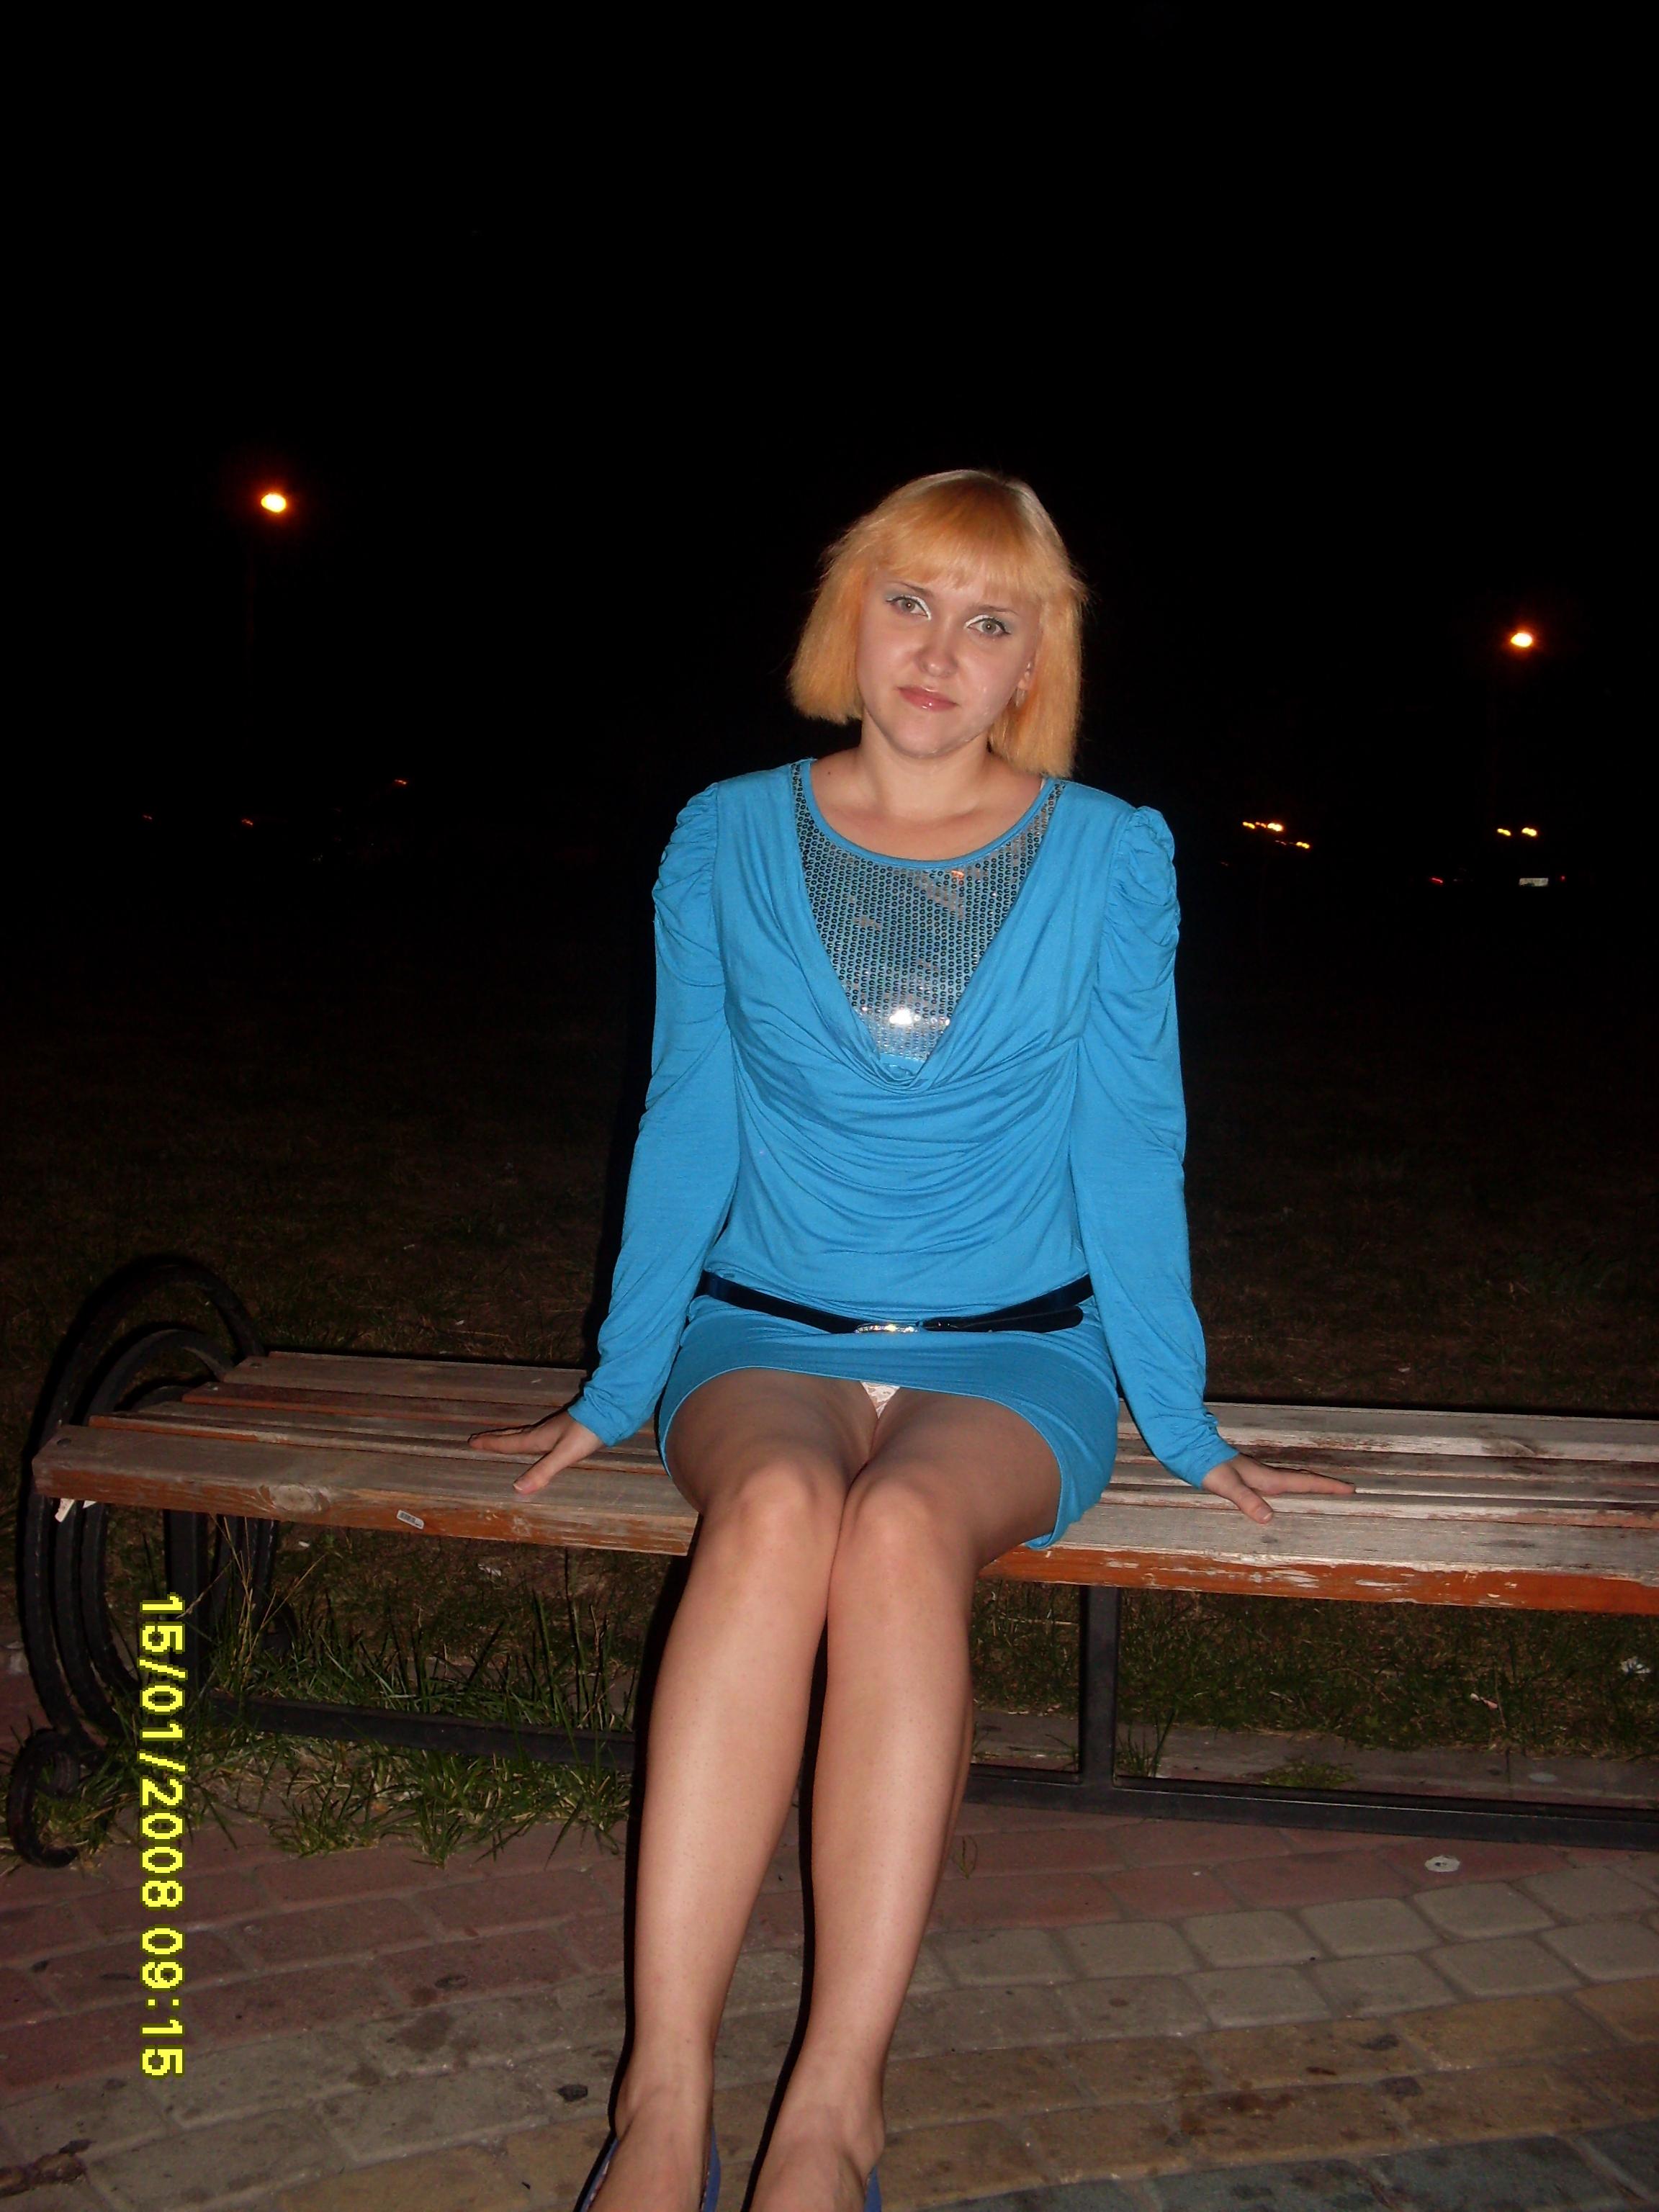 Женщина в голубом мини-платье засветила белые трусики